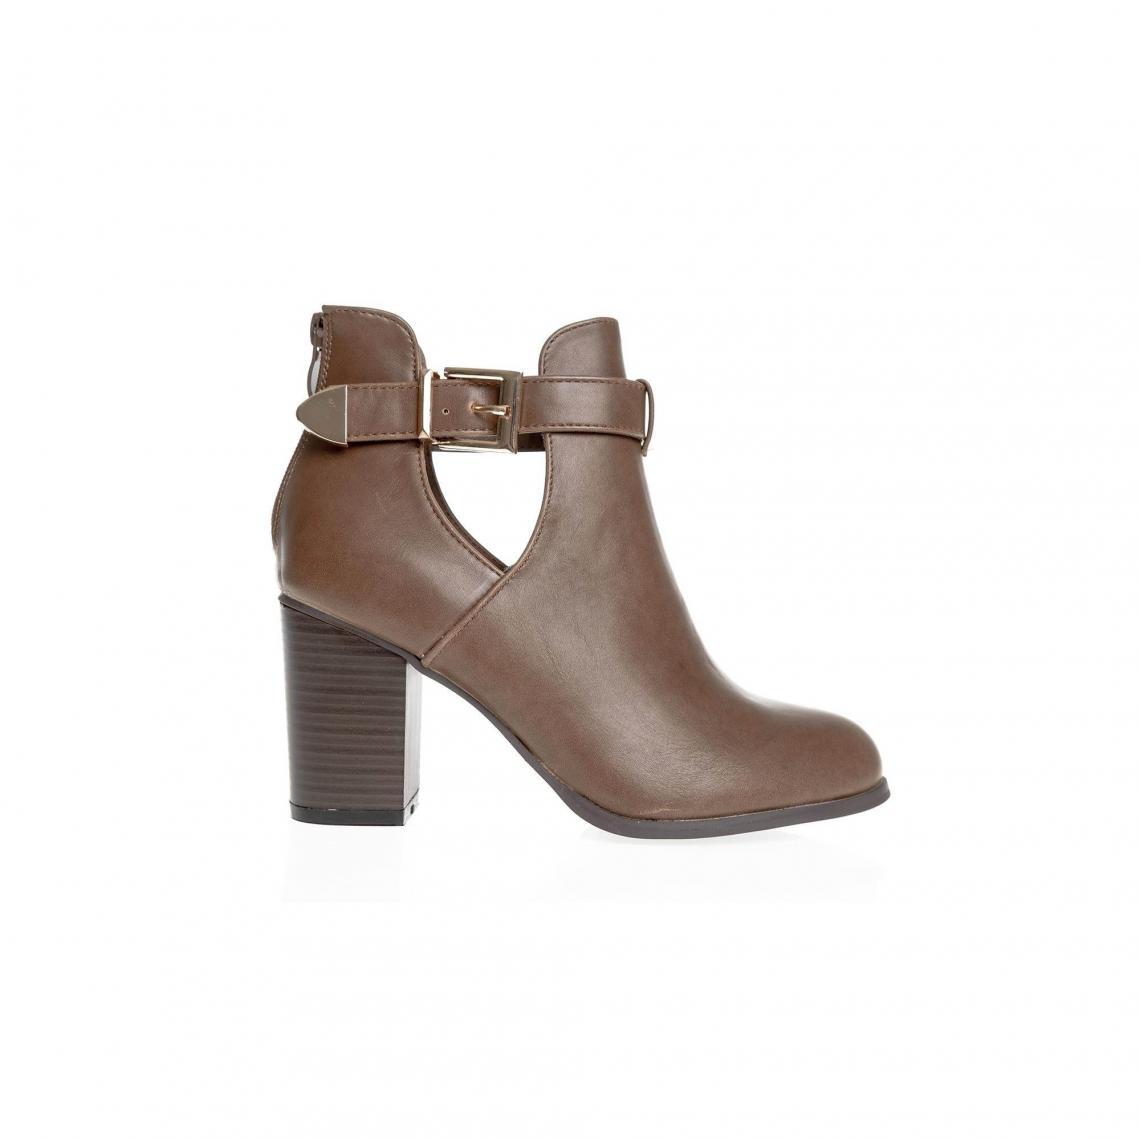 b193fe41464 Boots 3 SUISSES Cliquez l image pour l agrandir. Bottines zip sur talon  boucle latérale femme - Marron ...